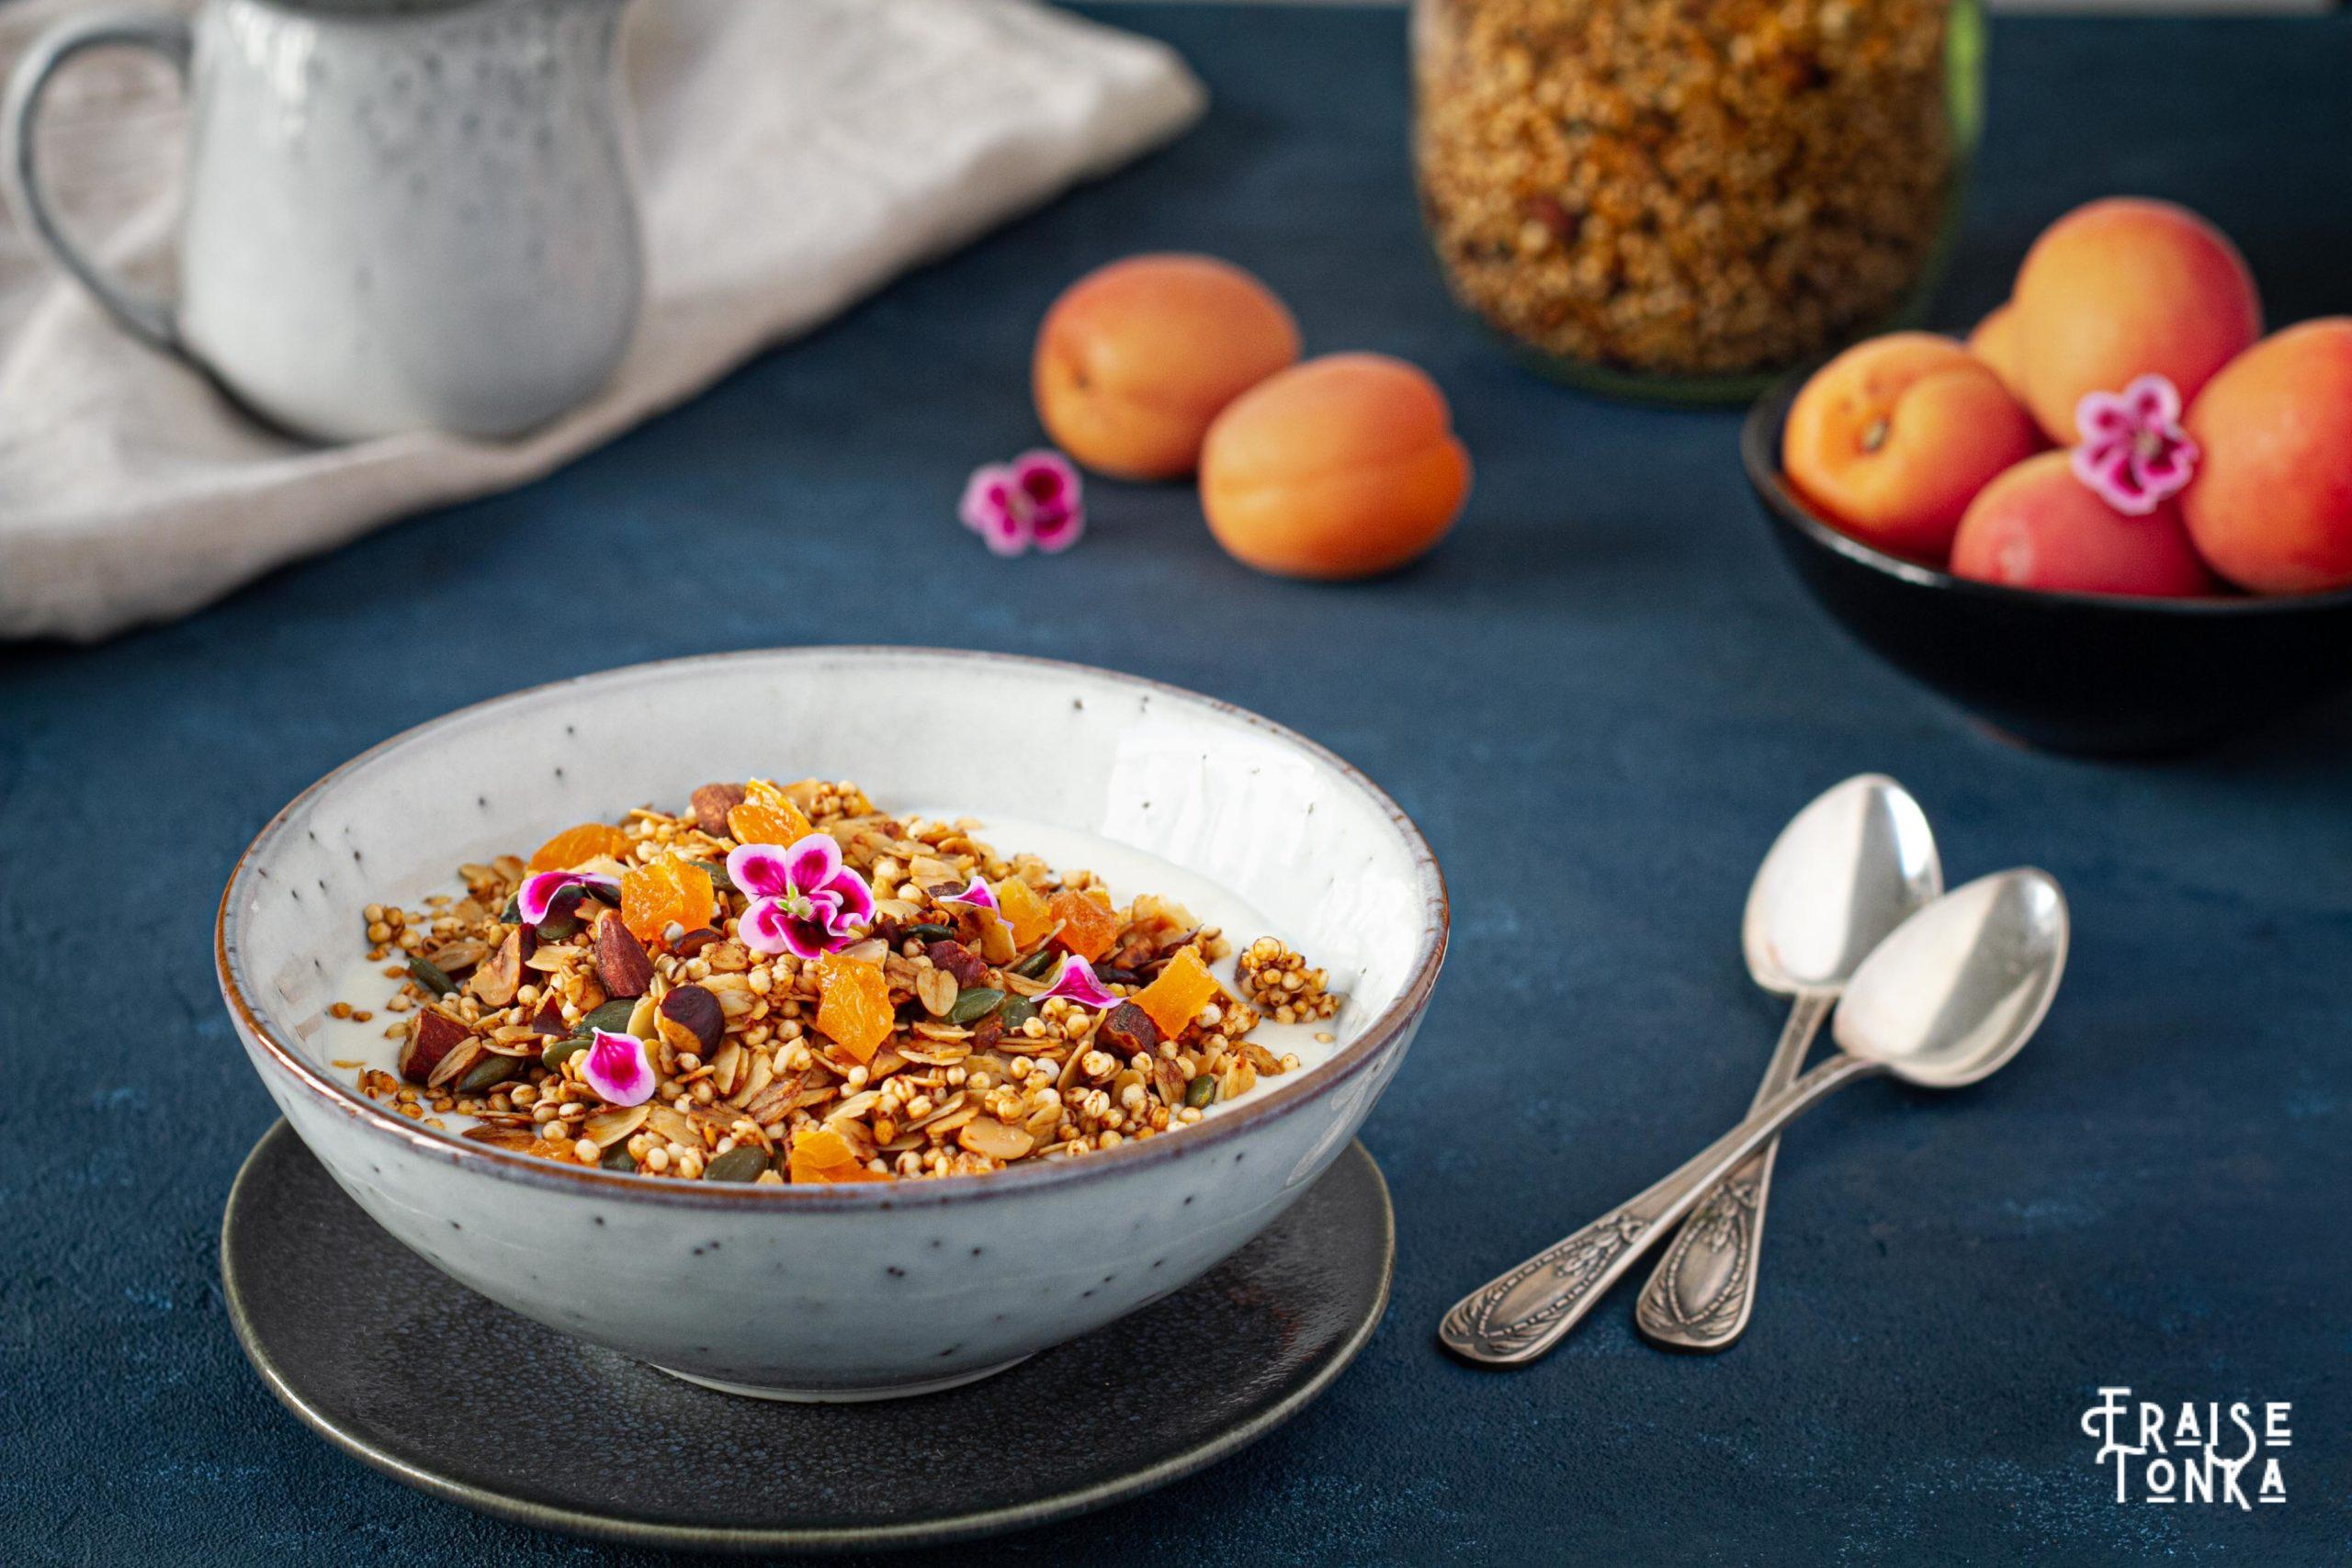 granola_abricot_recette_saine_petit_dejeuner_photo_culinaire